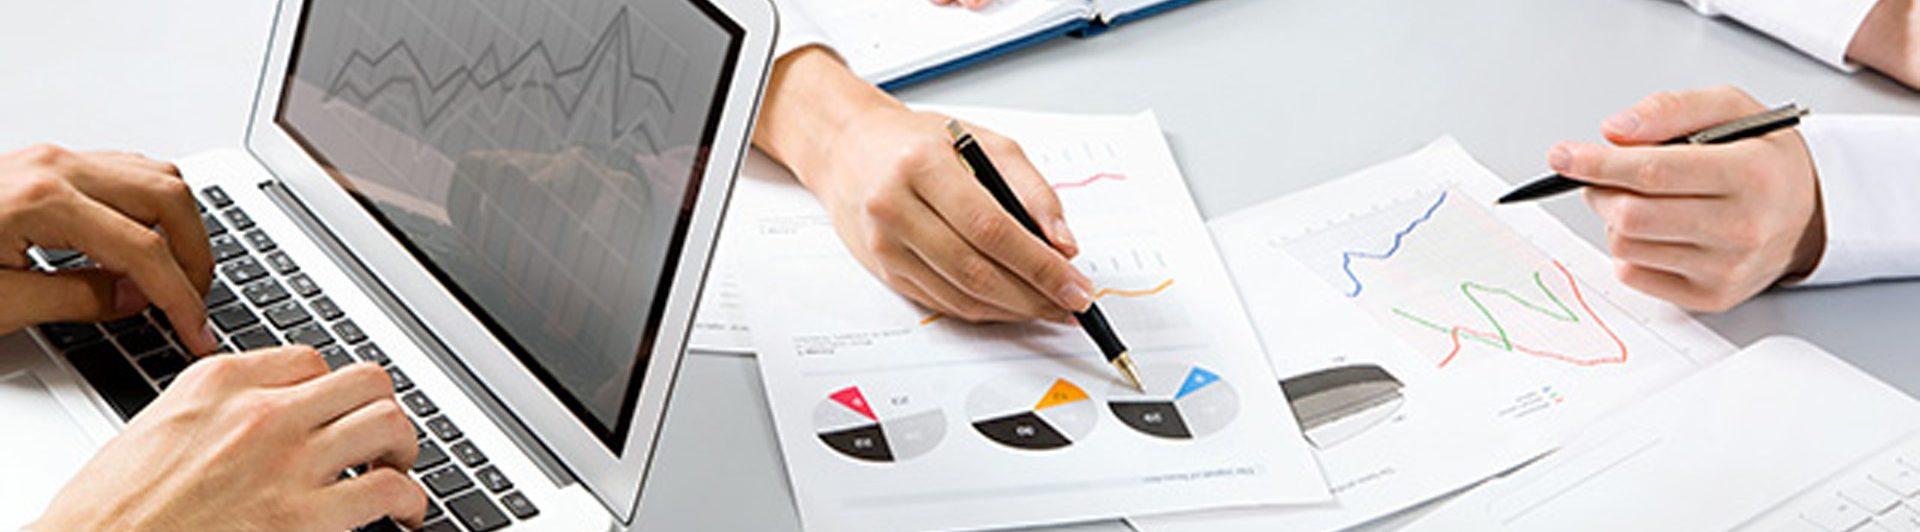 Pelatihan Basic Accounting dan Analisa Penyusunan Laporan Keuangan